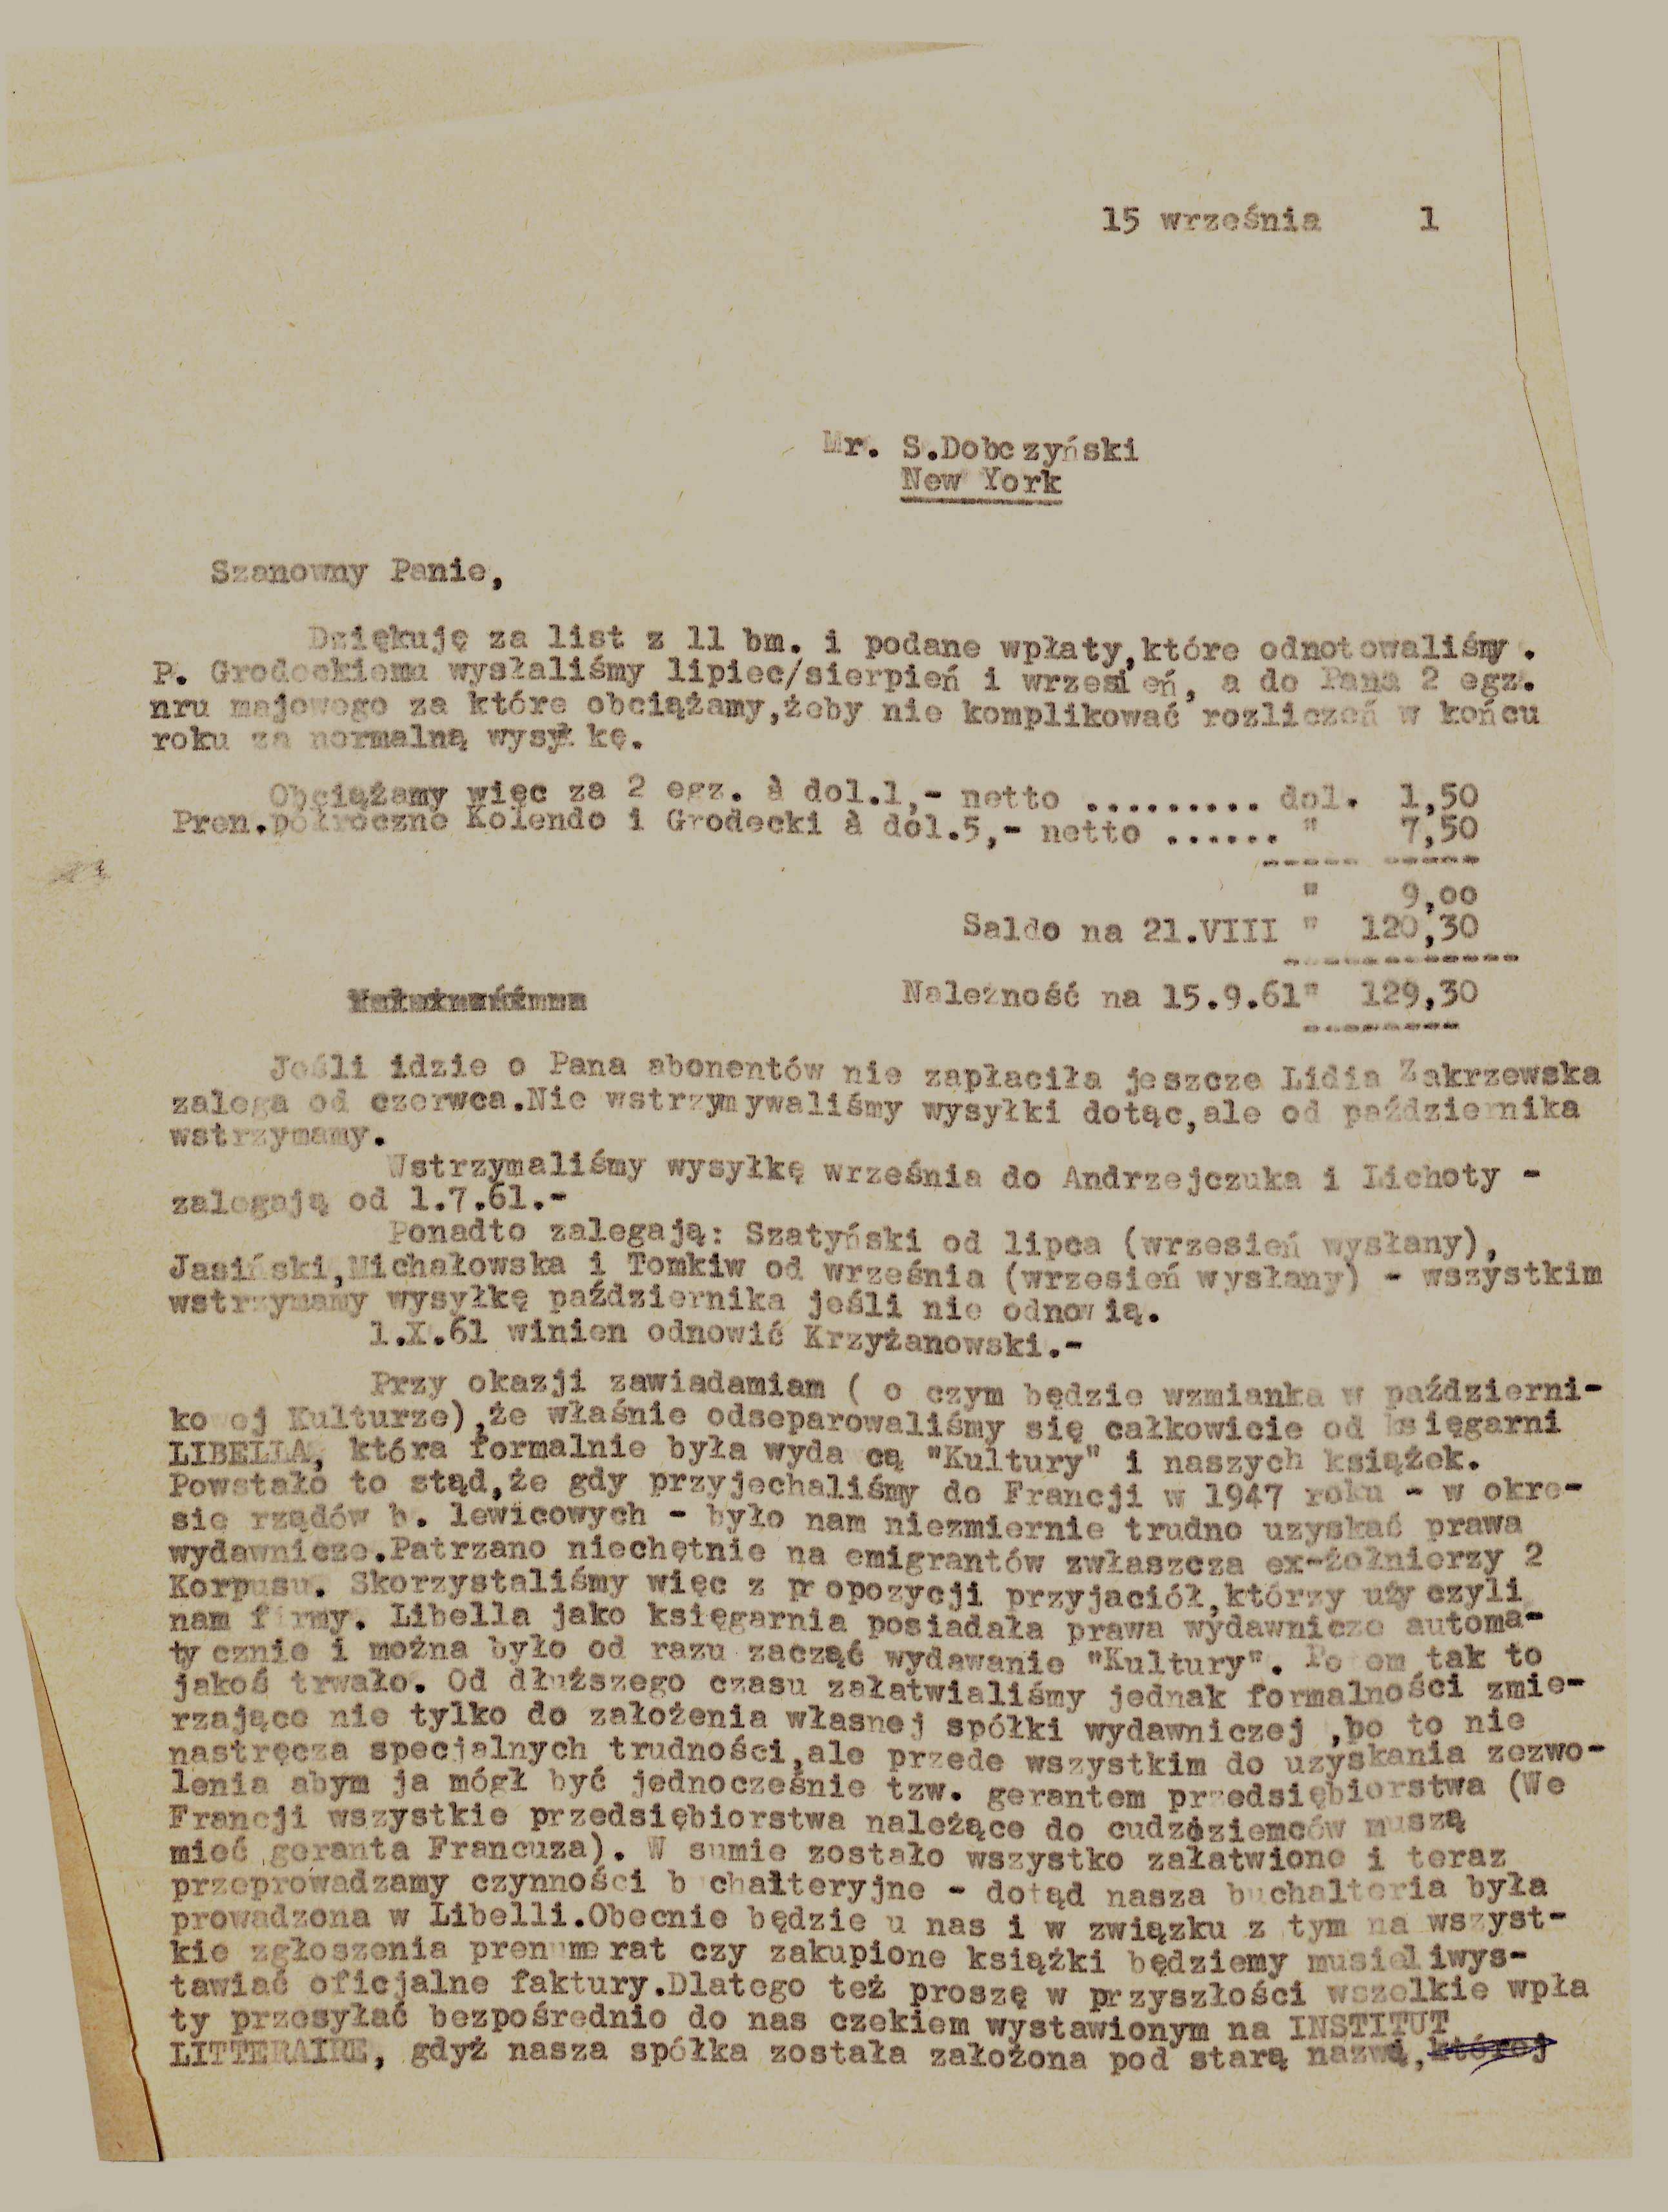 """<div class='inner-box'><div class='close-desc'></div><span class='opis'>List J. Giedroycia do S. Dobczyńskiego, przedstawiciela """"Kultury"""" w Nowym Jorku, informujący o założeniu SARL """"Institut Littéraire"""", 15 września 1961 r.</span><div class='clearfix'></div><span>Sygn. AB00063</span><div class='clearfix'></div><span>© Instytut Literacki</span></div>"""